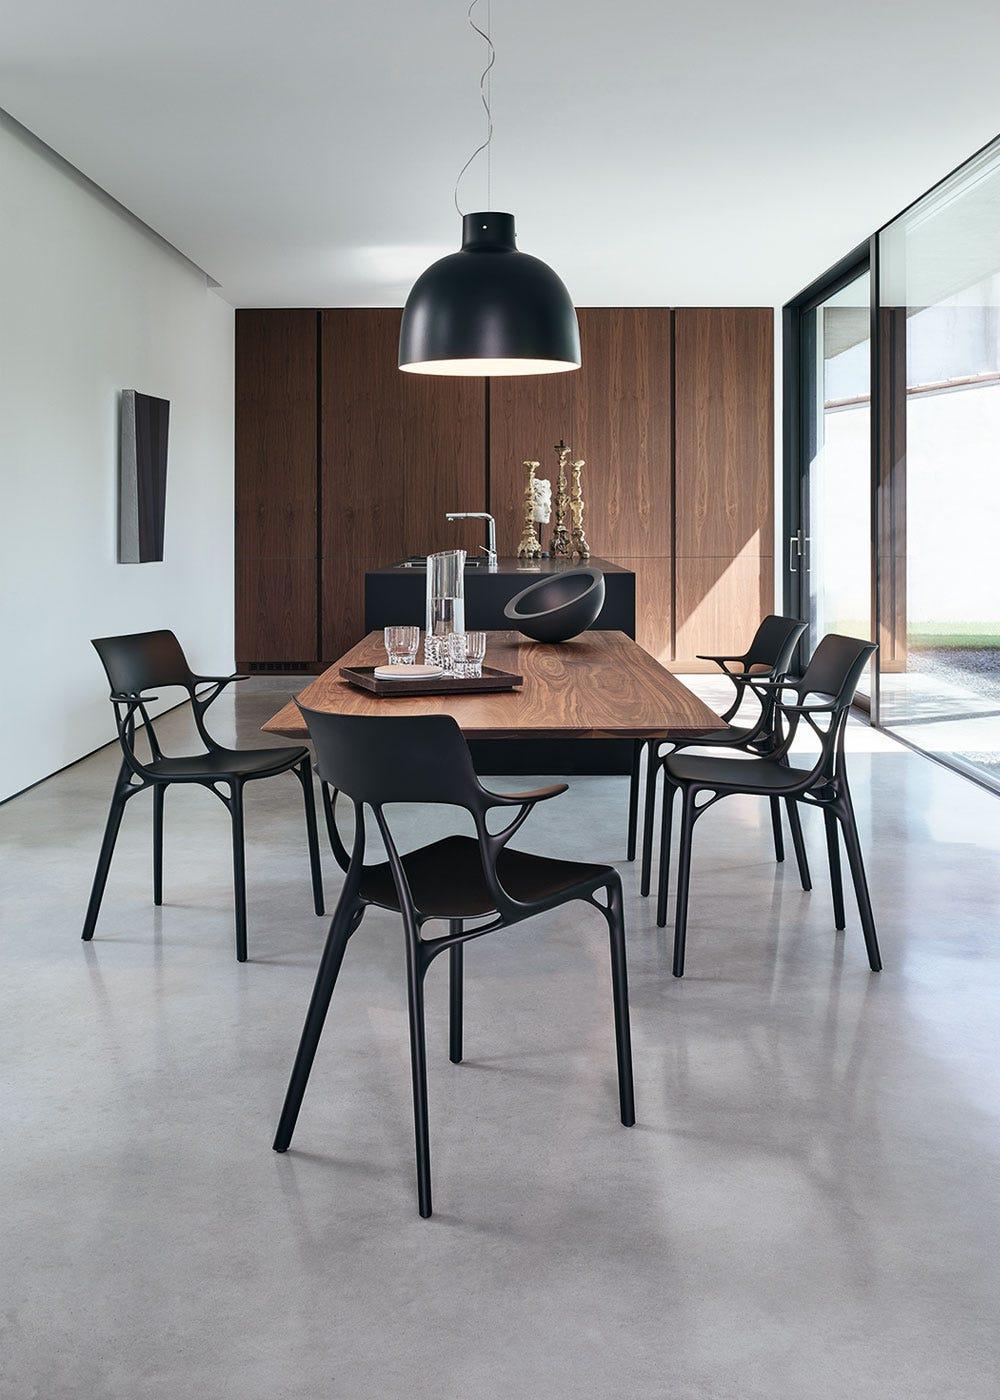 As shown: AI chair in black